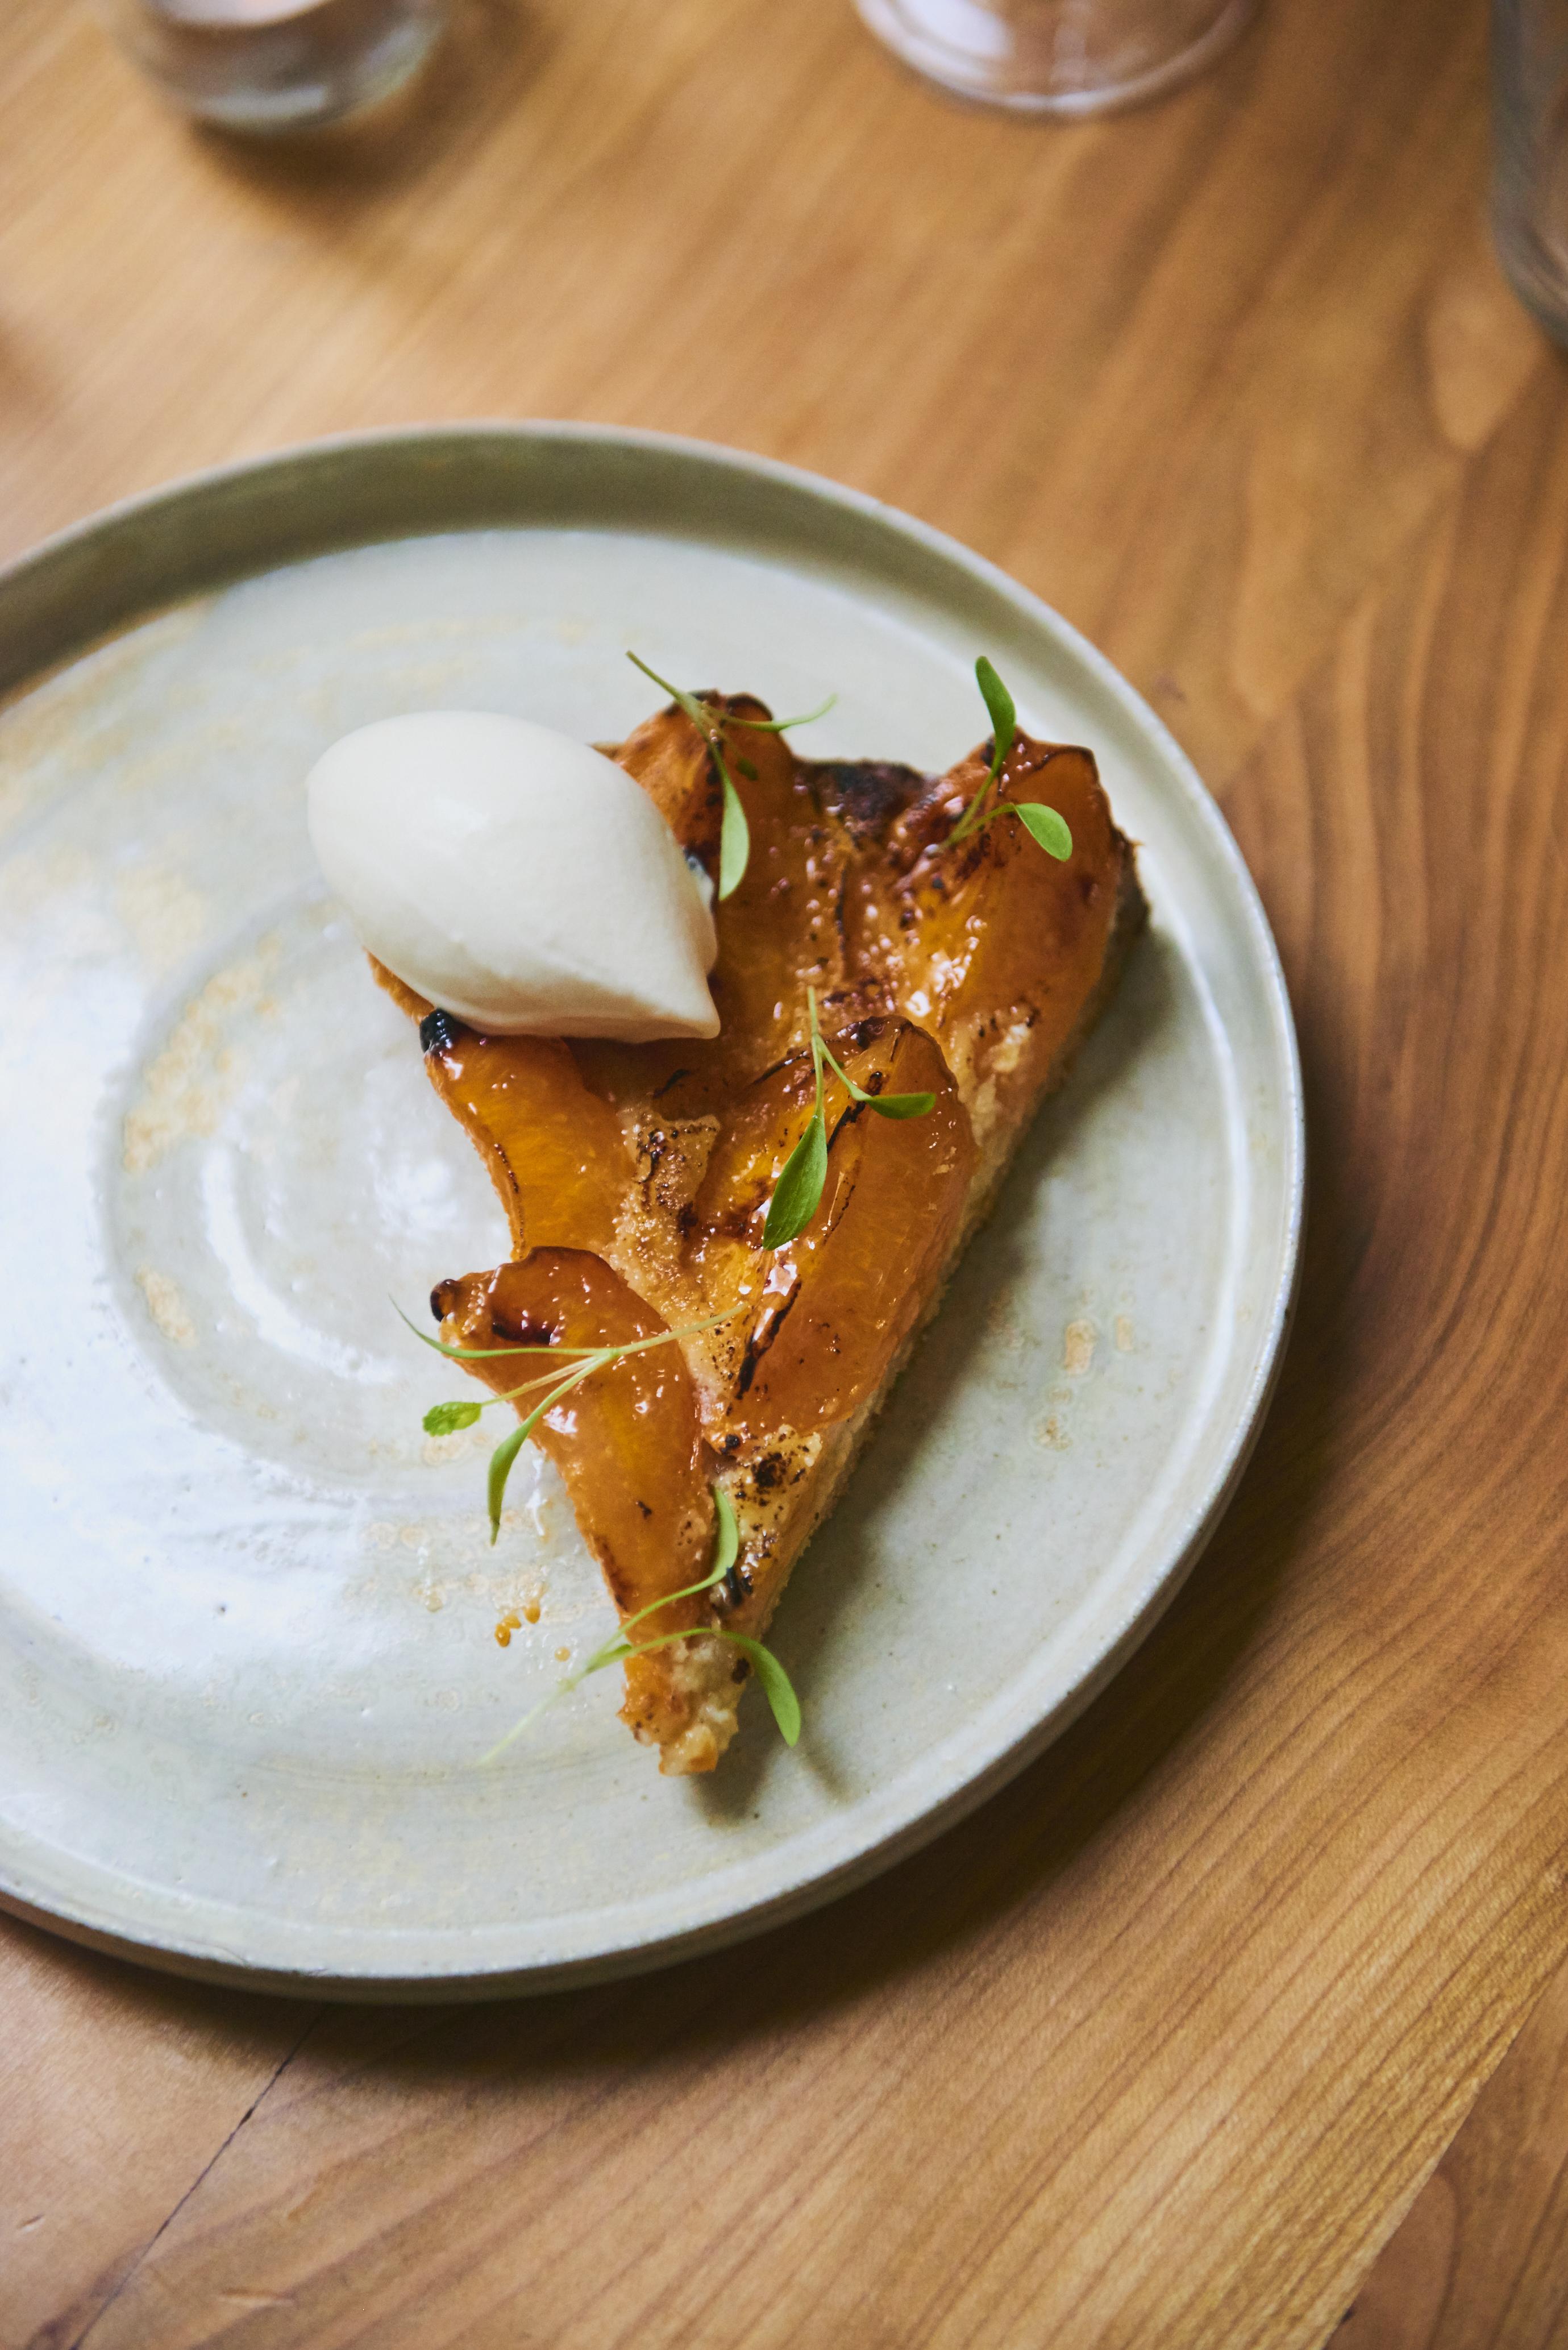 Fulgurances - apricot tart